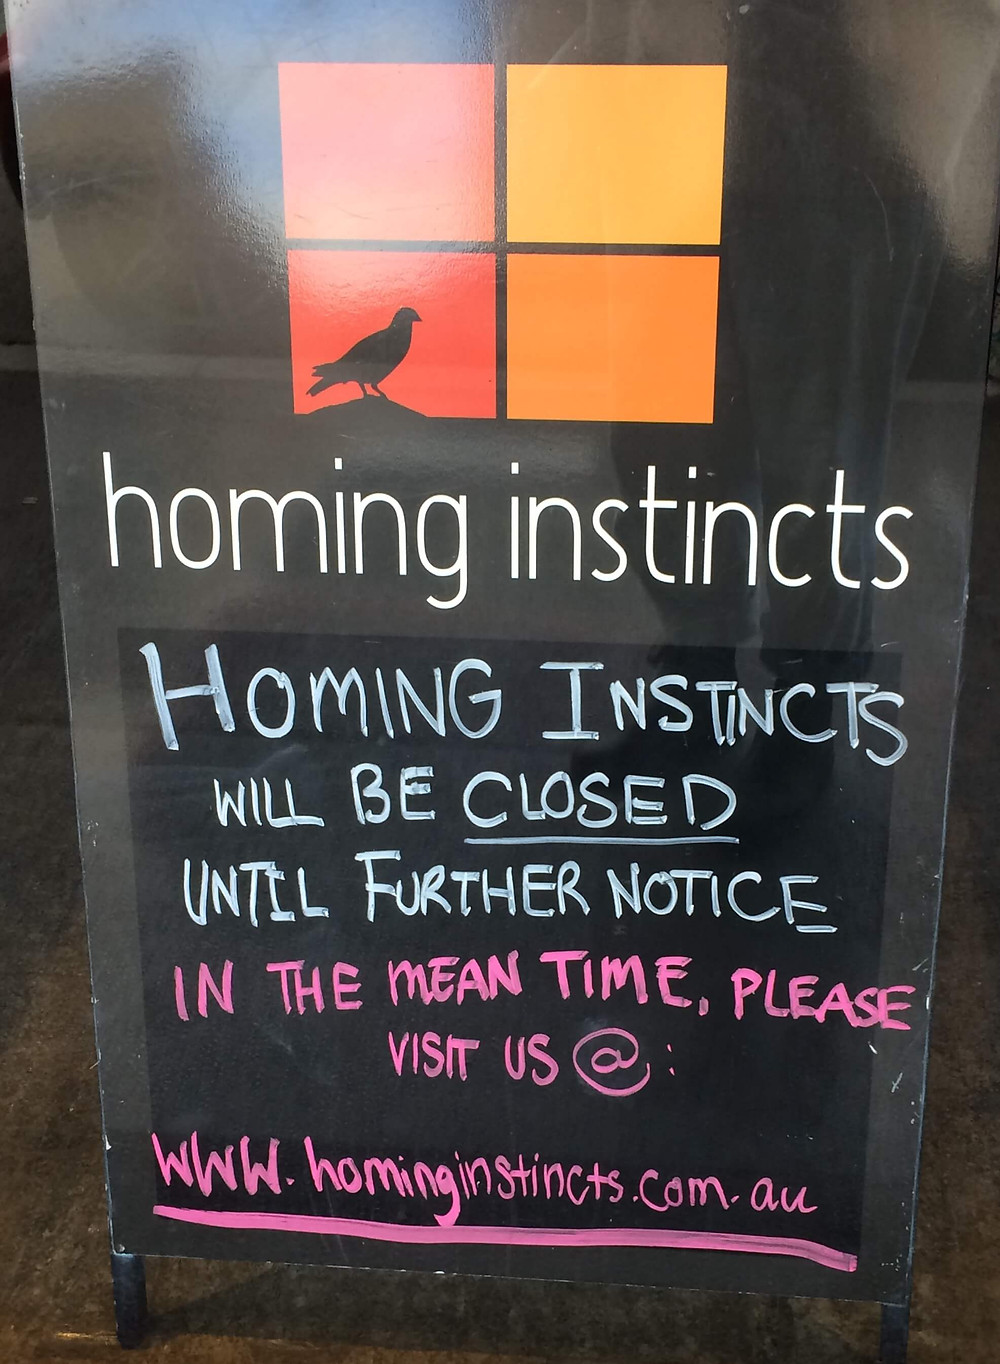 Shop online signage at Homing Instincts, 730 Glenferrie Road.